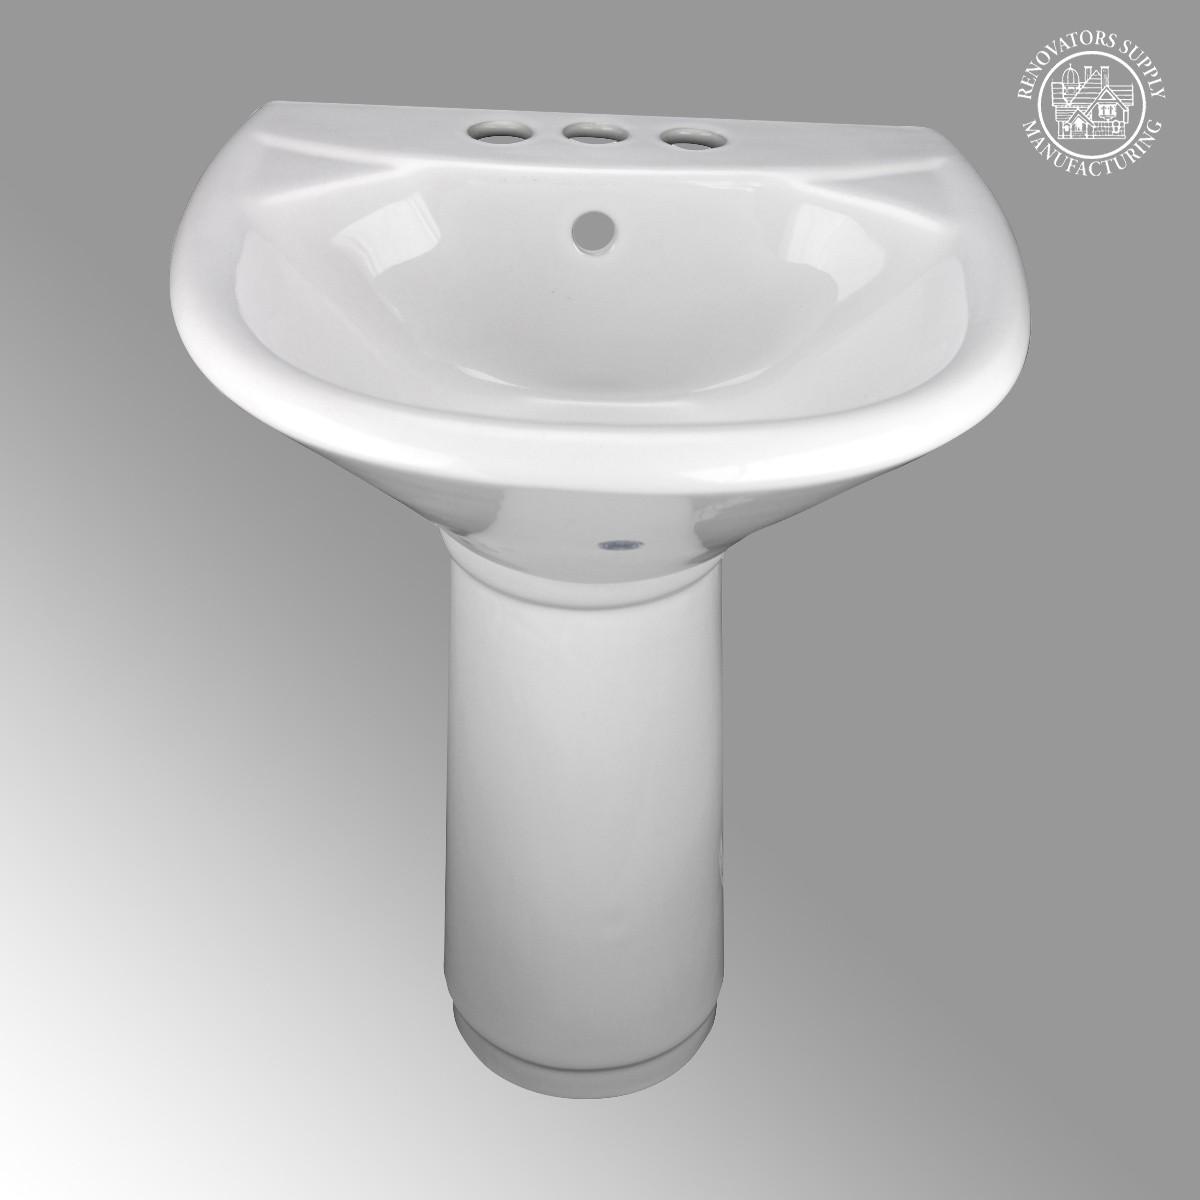 Beau ... U003cPREu003eChild China White Mini Porcelain Pedestal Sink Toddler ...